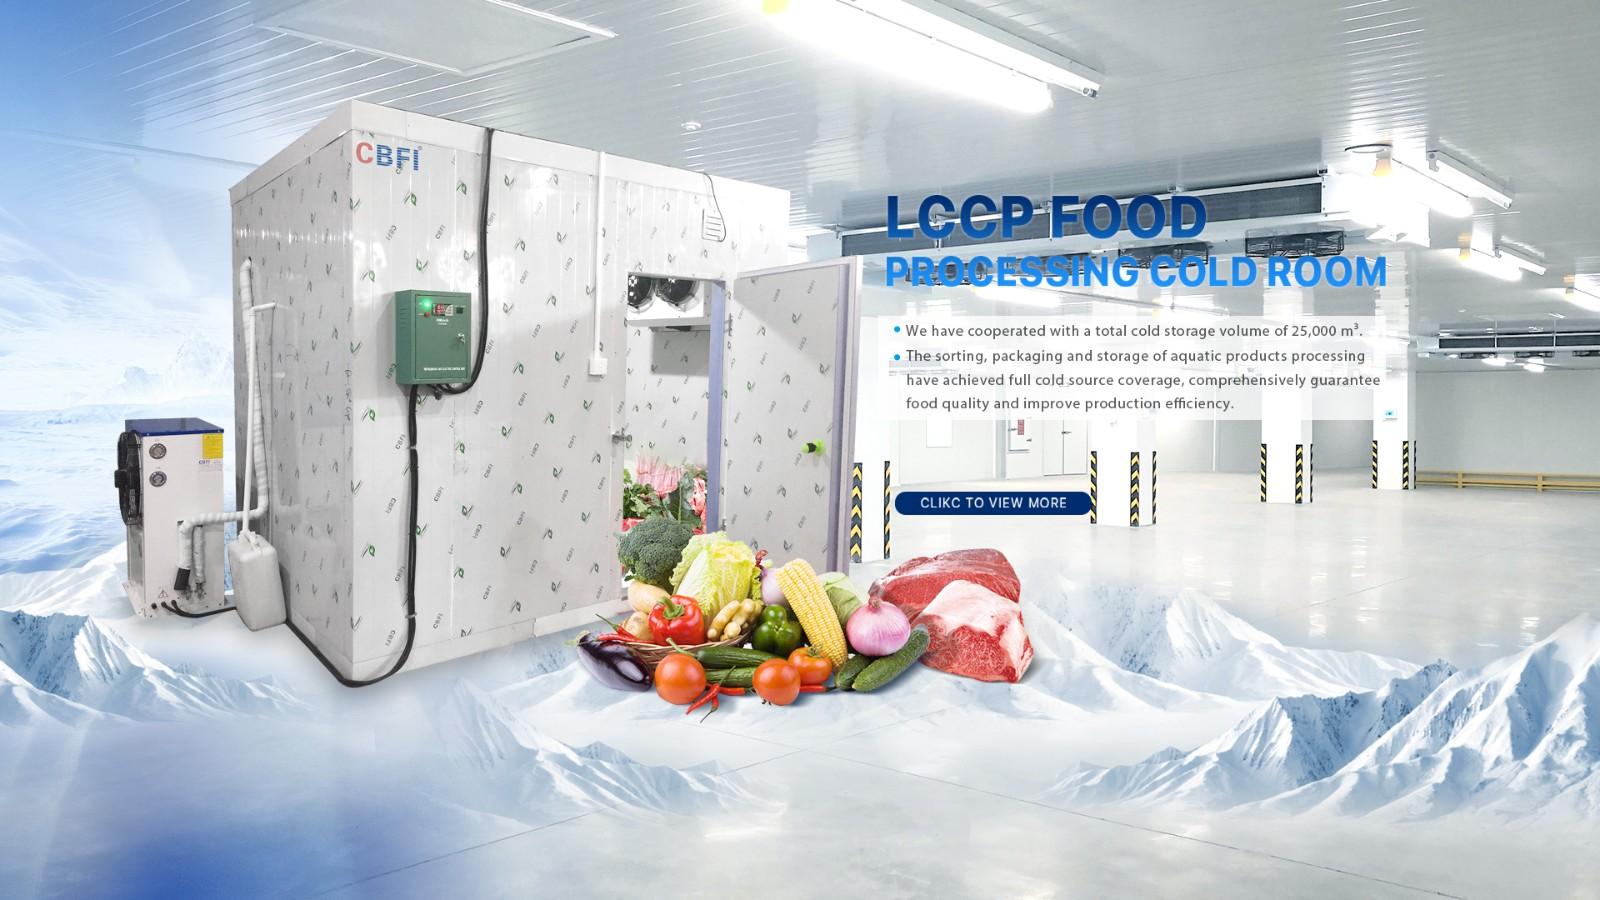 news-7 simple ways to maintain cold storage units-CBFI-img